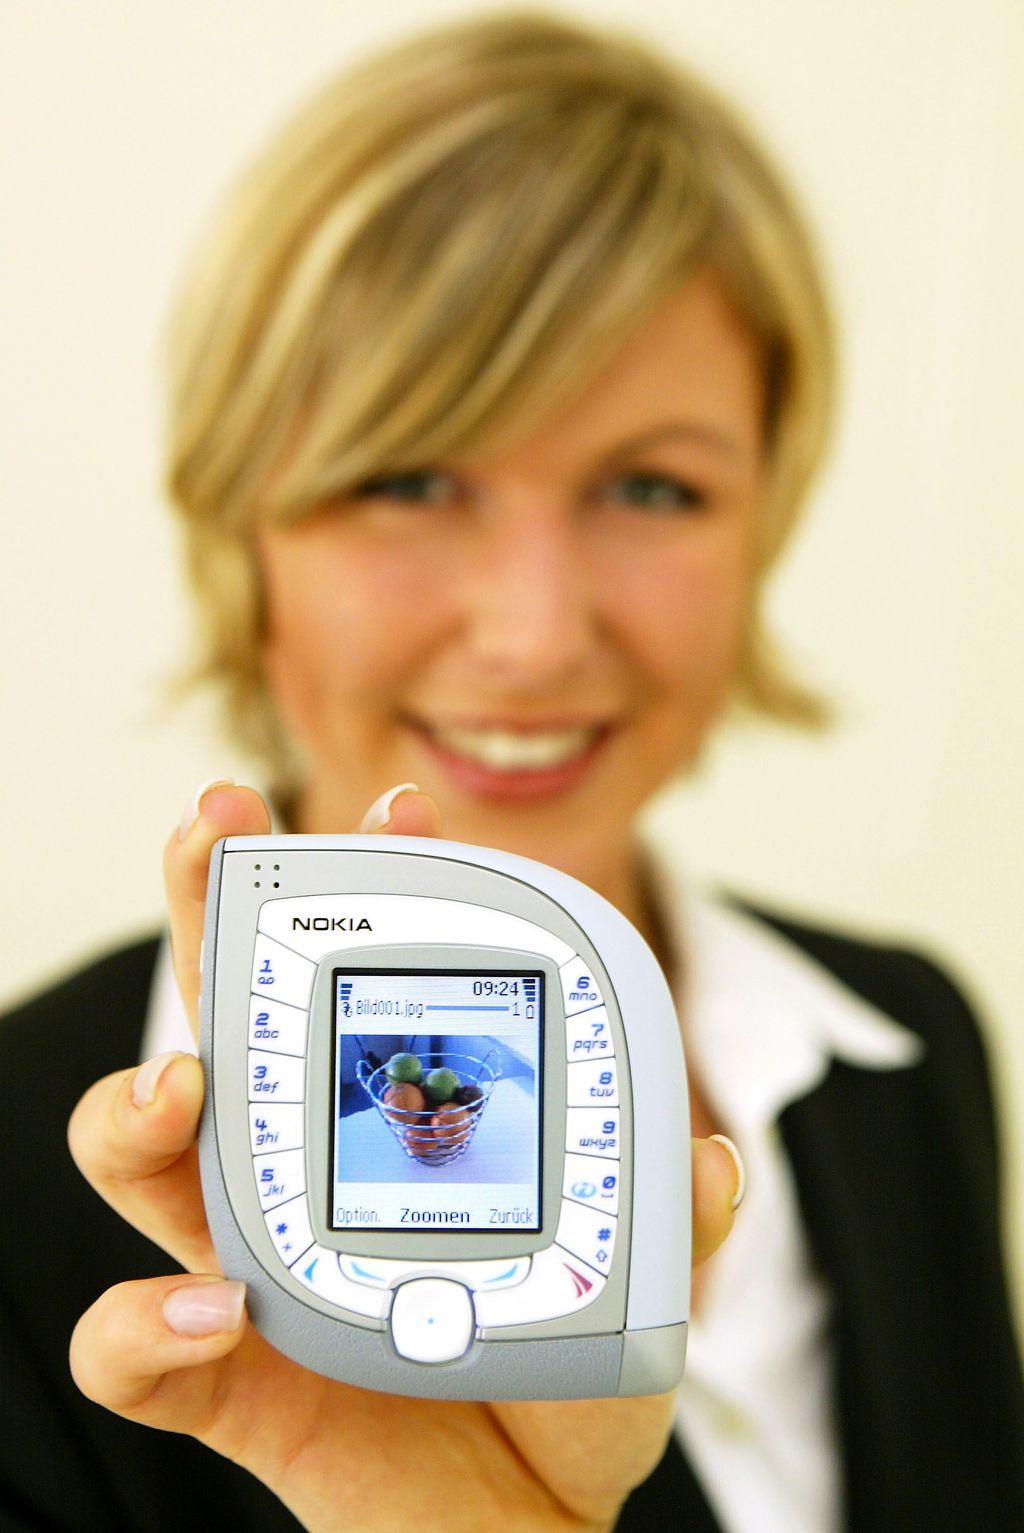 Nokia ketupat ini punya nama asli Nokia 7600. Foto: Sean Gallup/Getty Images